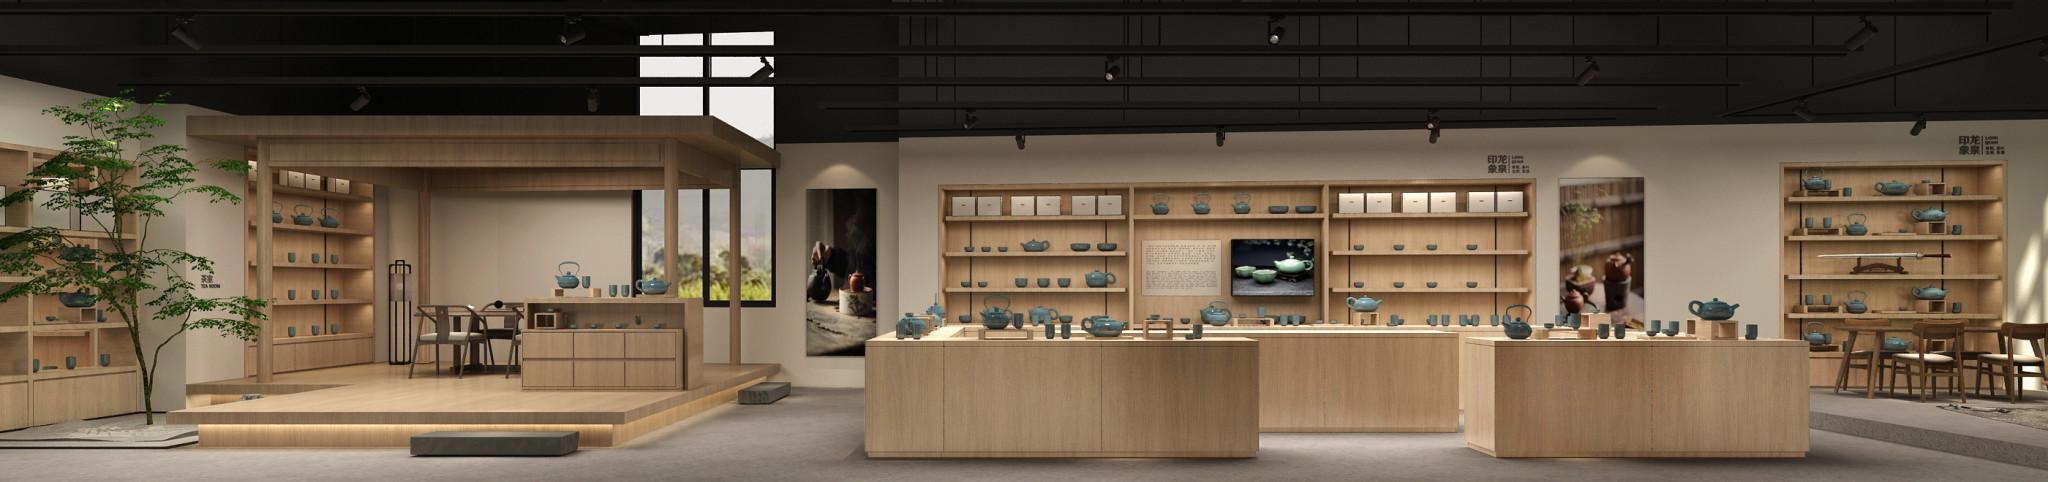 龙泉青瓷-产品展厅空间设计-达岸杭州品牌策划设计公司